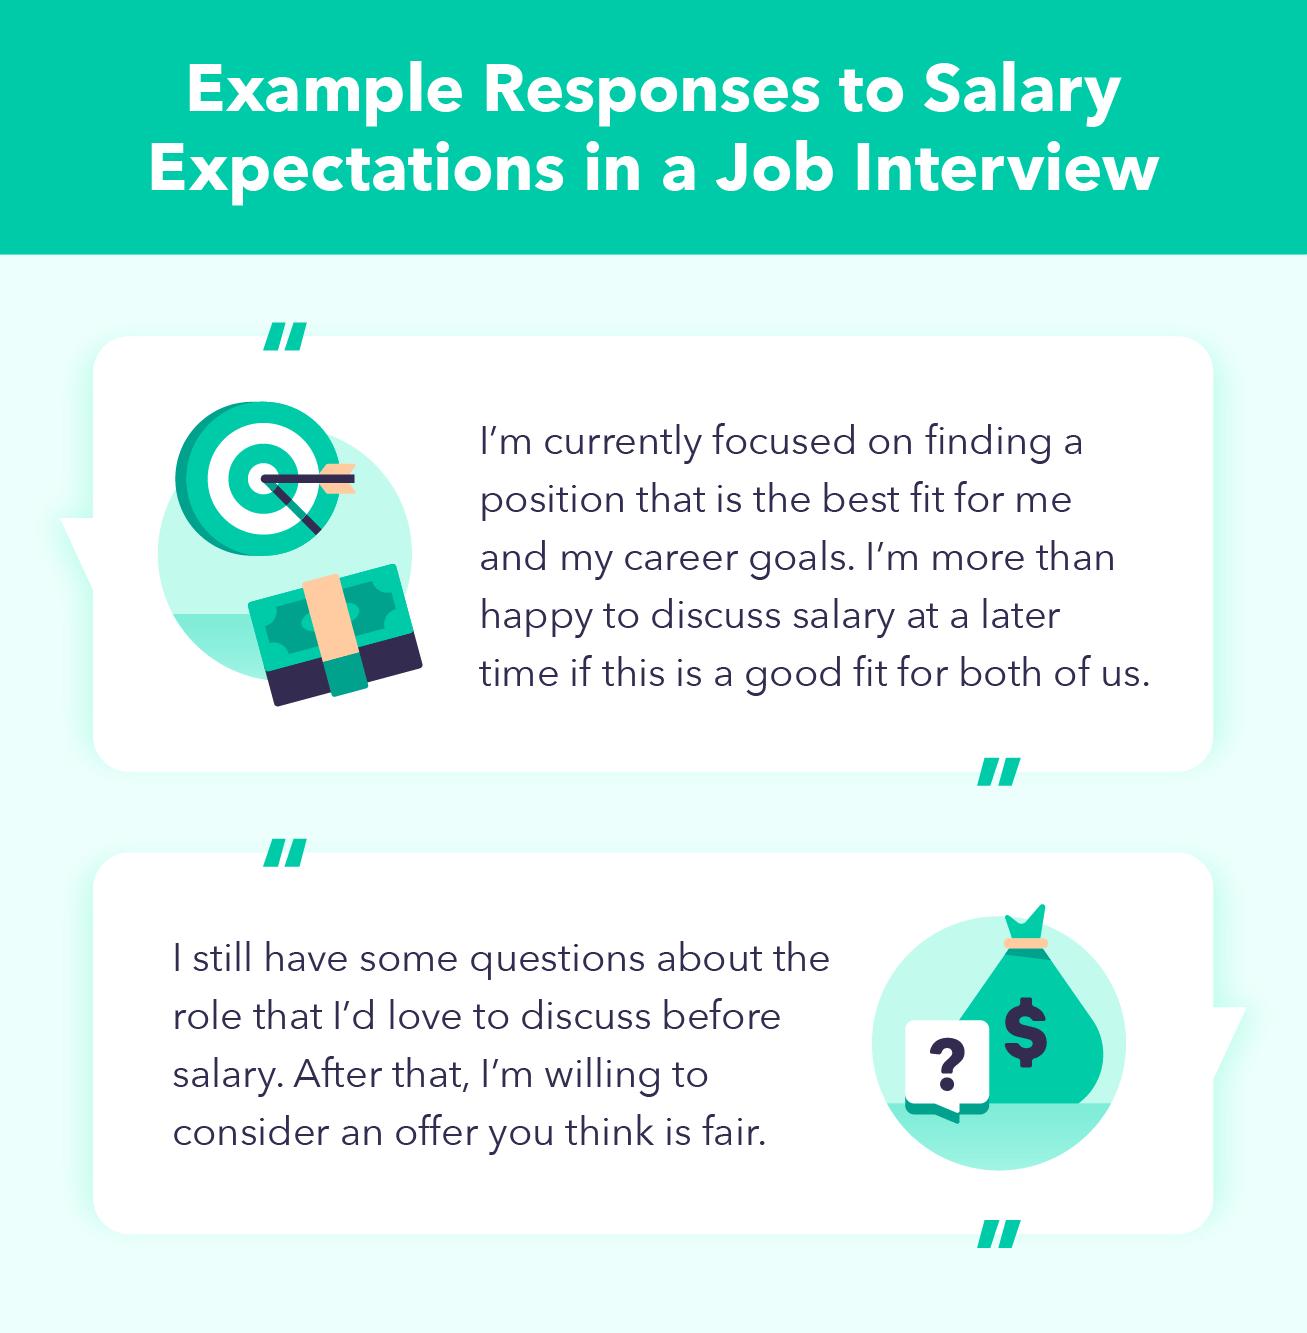 Ejemplo-de-respuestas-a-las-expectativas-de-salario-en-una-entrevista-de-trabajo